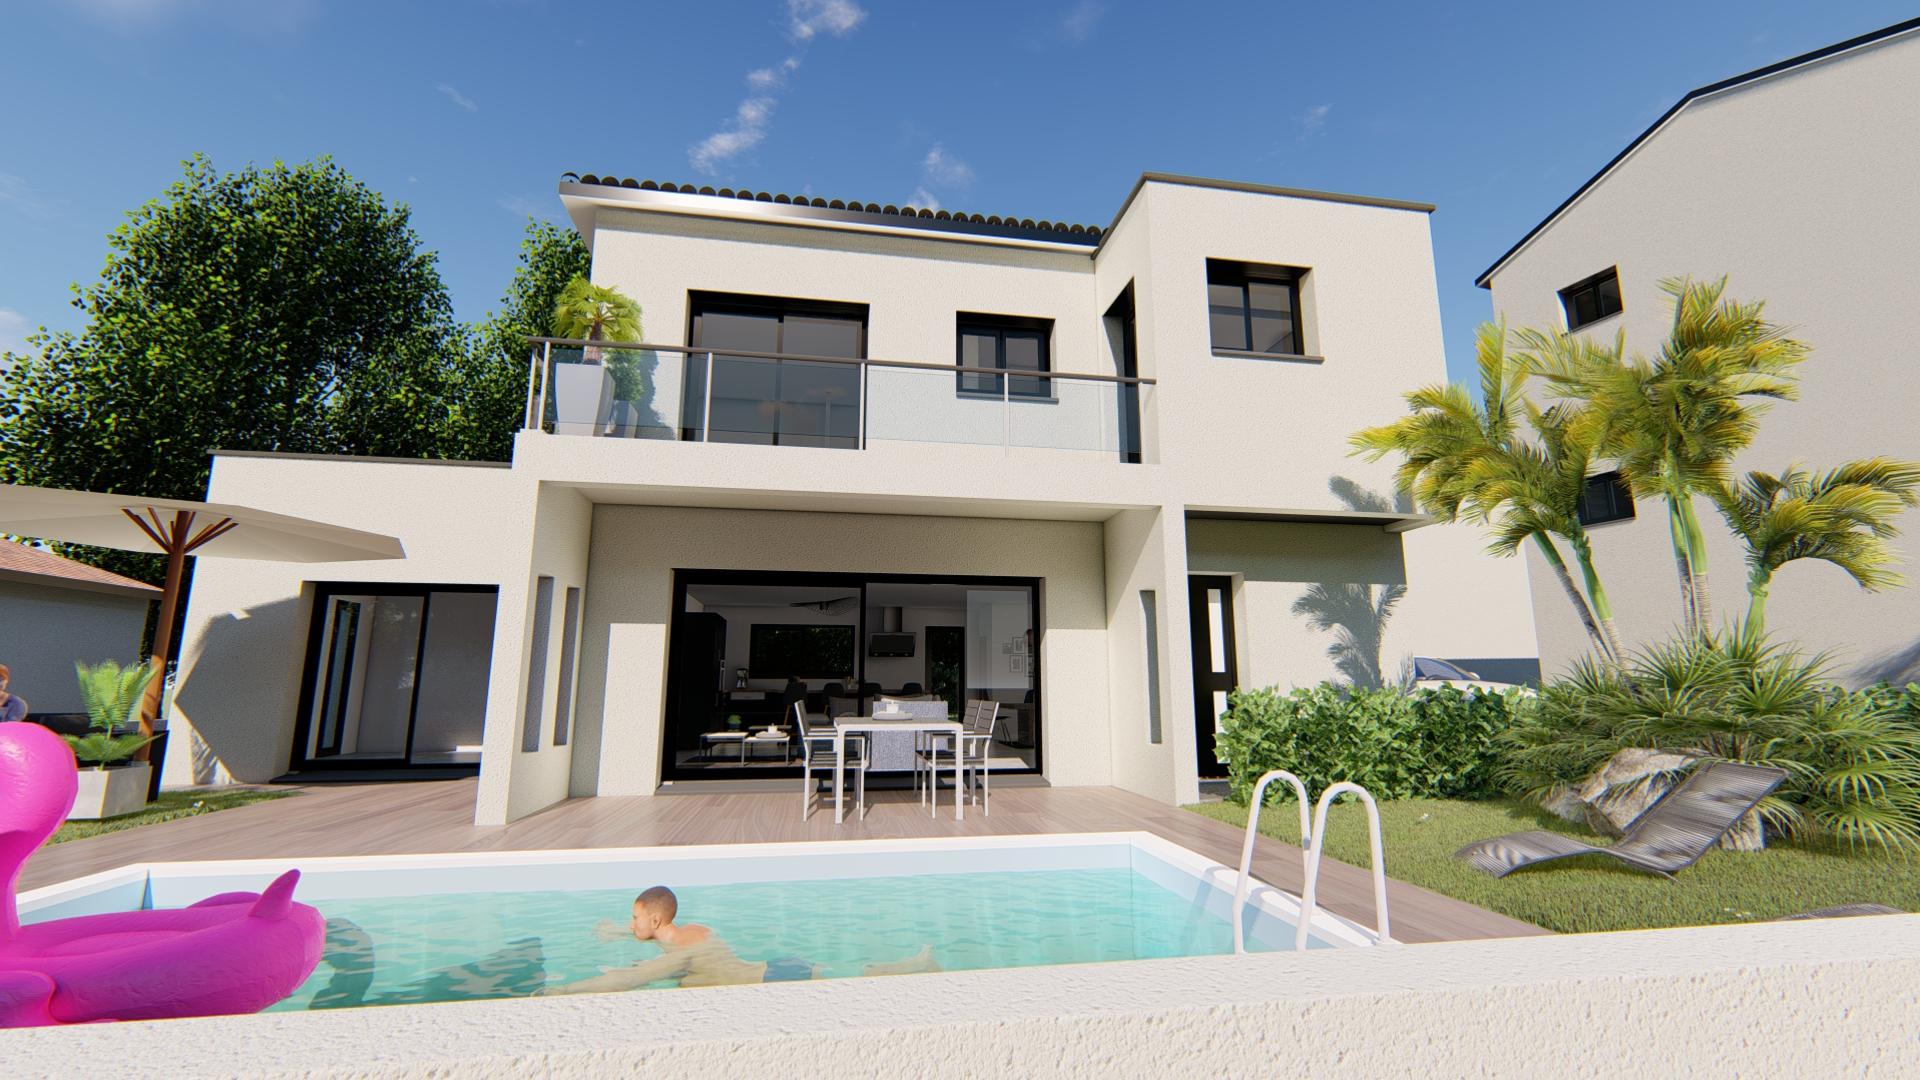 Maisons + Terrains du constructeur VILLAS SUD CREATION • 140 m² • CARAMAN